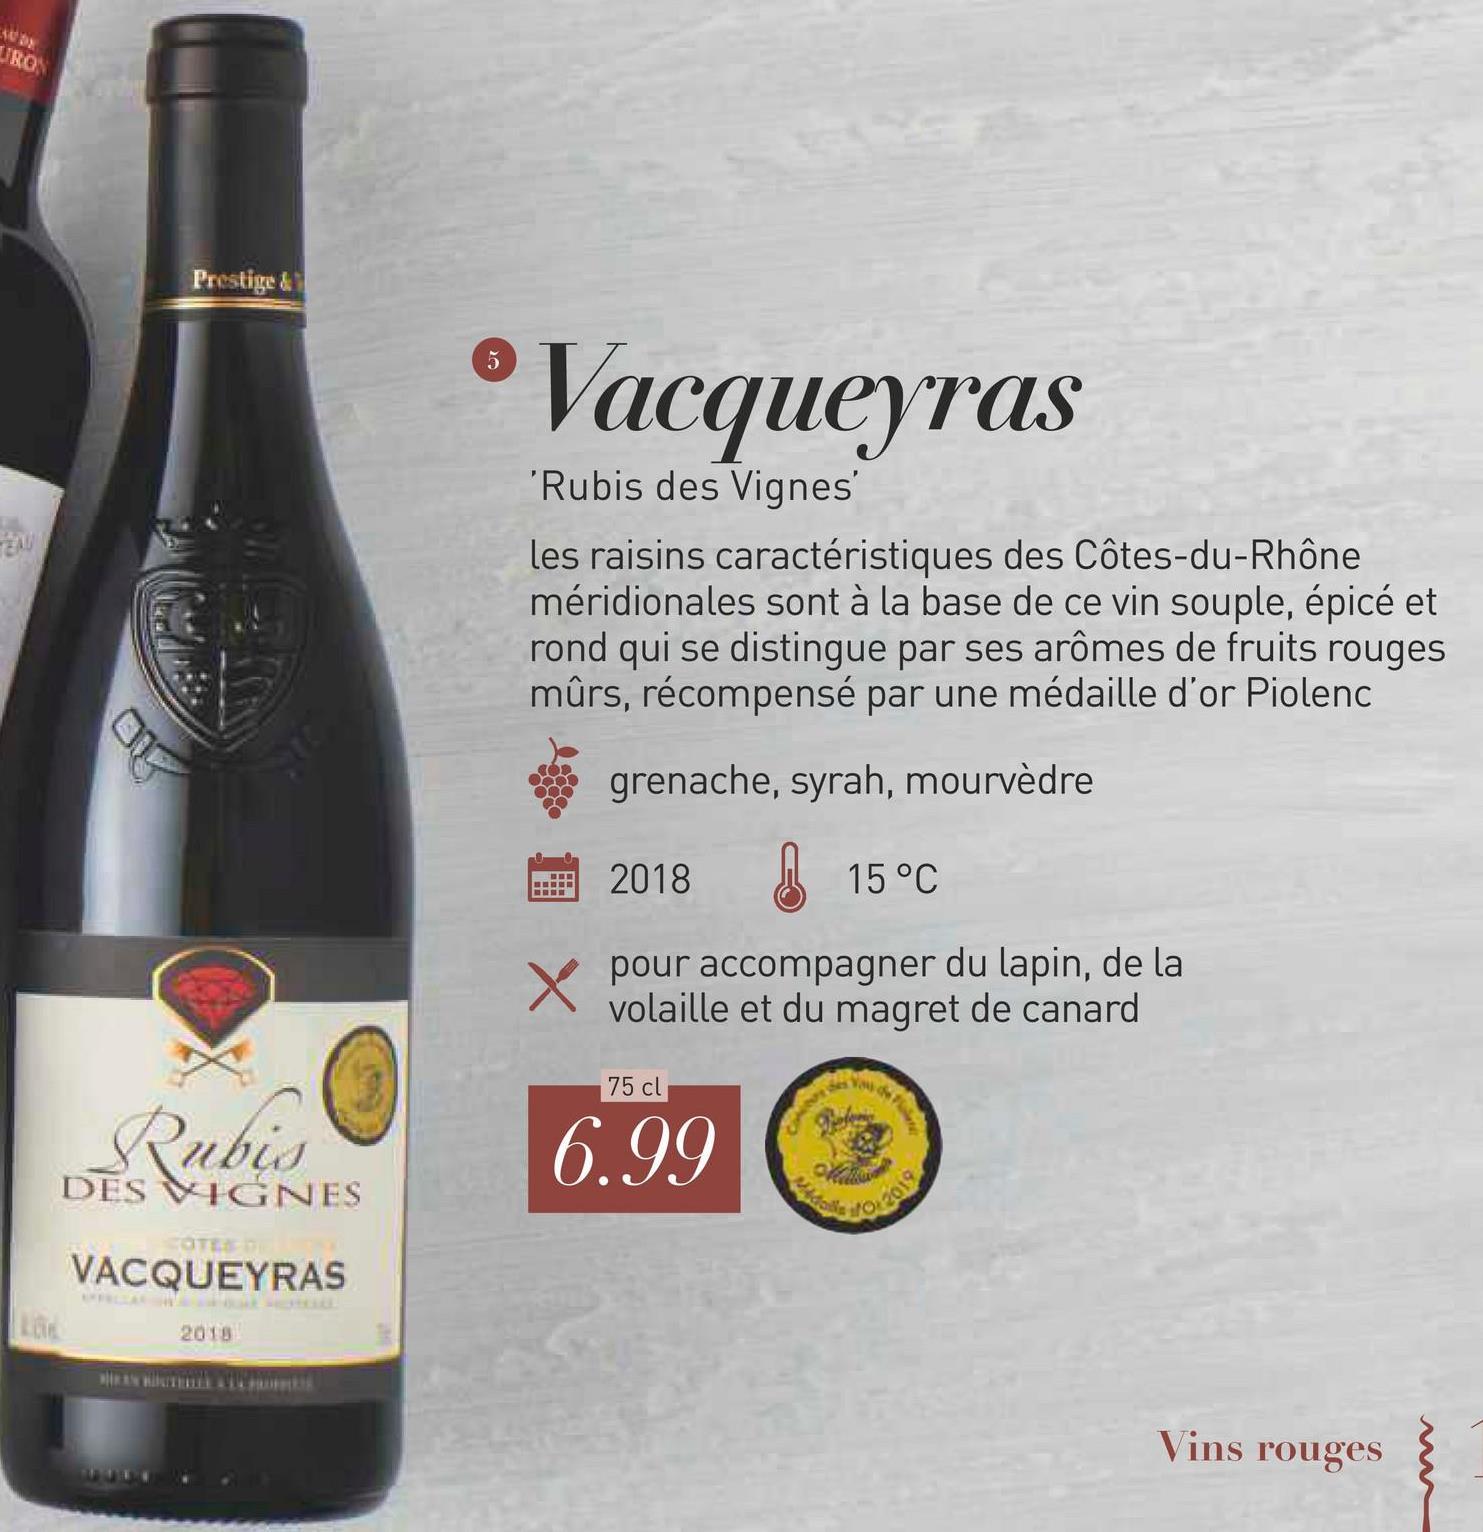 UTROS Prestige ® Vacqueyras 'Rubis des Vignes les raisins caractéristiques des Côtes-du-Rhône méridionales sont à la base de ce vin souple, épicé et rond qui se distingue par ses arômes de fruits rouges mûrs, récompensé par une médaille d'or Piolenc grenache, syrah, mourvèdre 2018 15°C X POU pour accompagner du lapin, de la volaille et du magret de canard 75 cl Rubis DES VIGNES 6.99 VACQUEYRAS Vins rouges